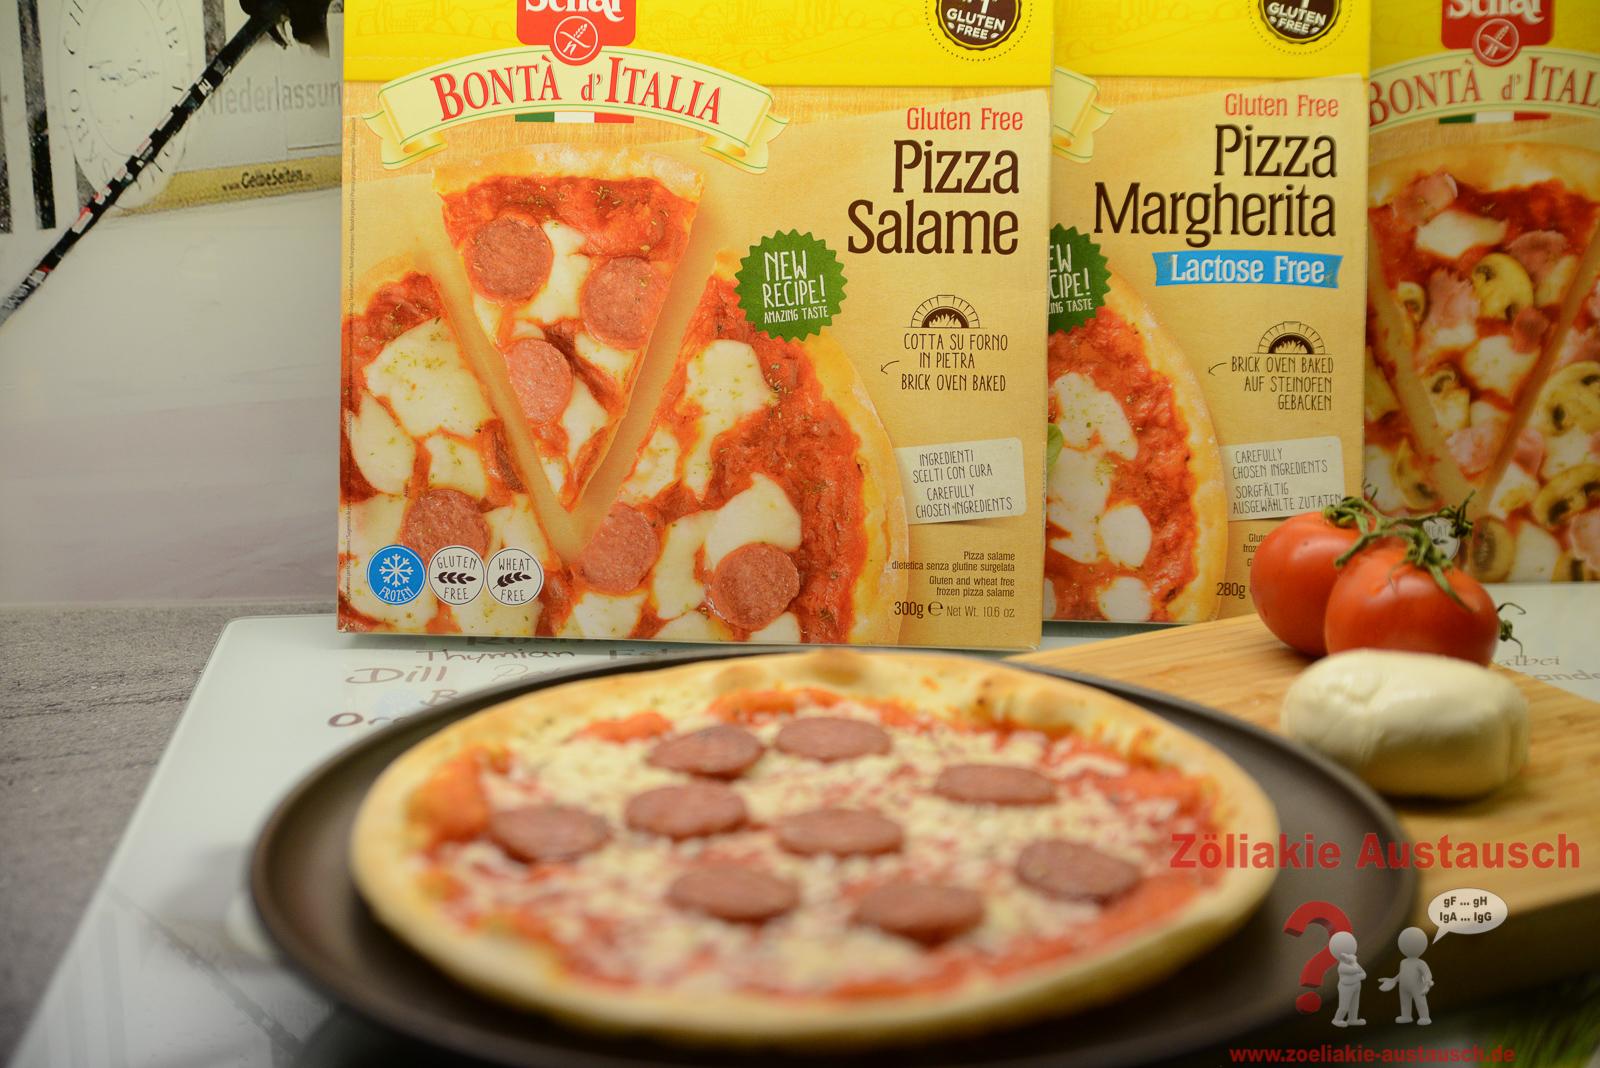 Schaer_Pizza-Zoeliakie_Austausch_025